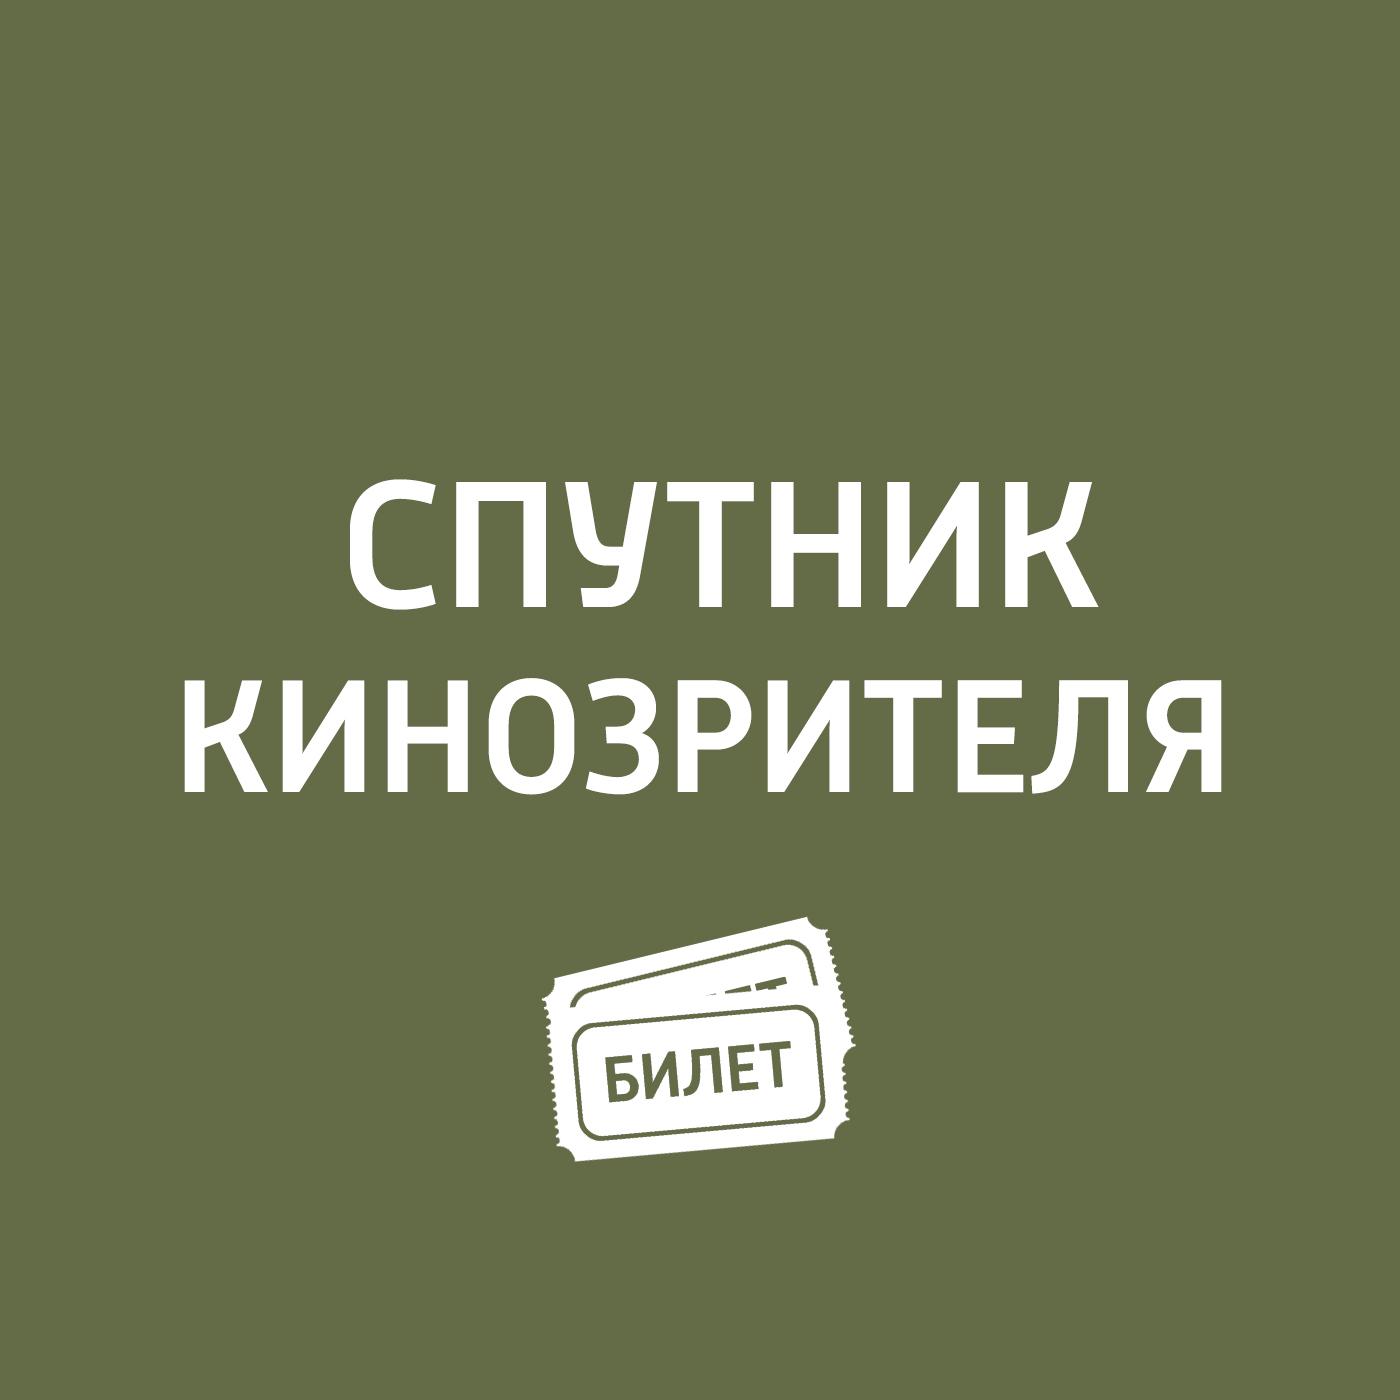 Антон Долин Вручение «Ники и значение кинопремий плавка значение